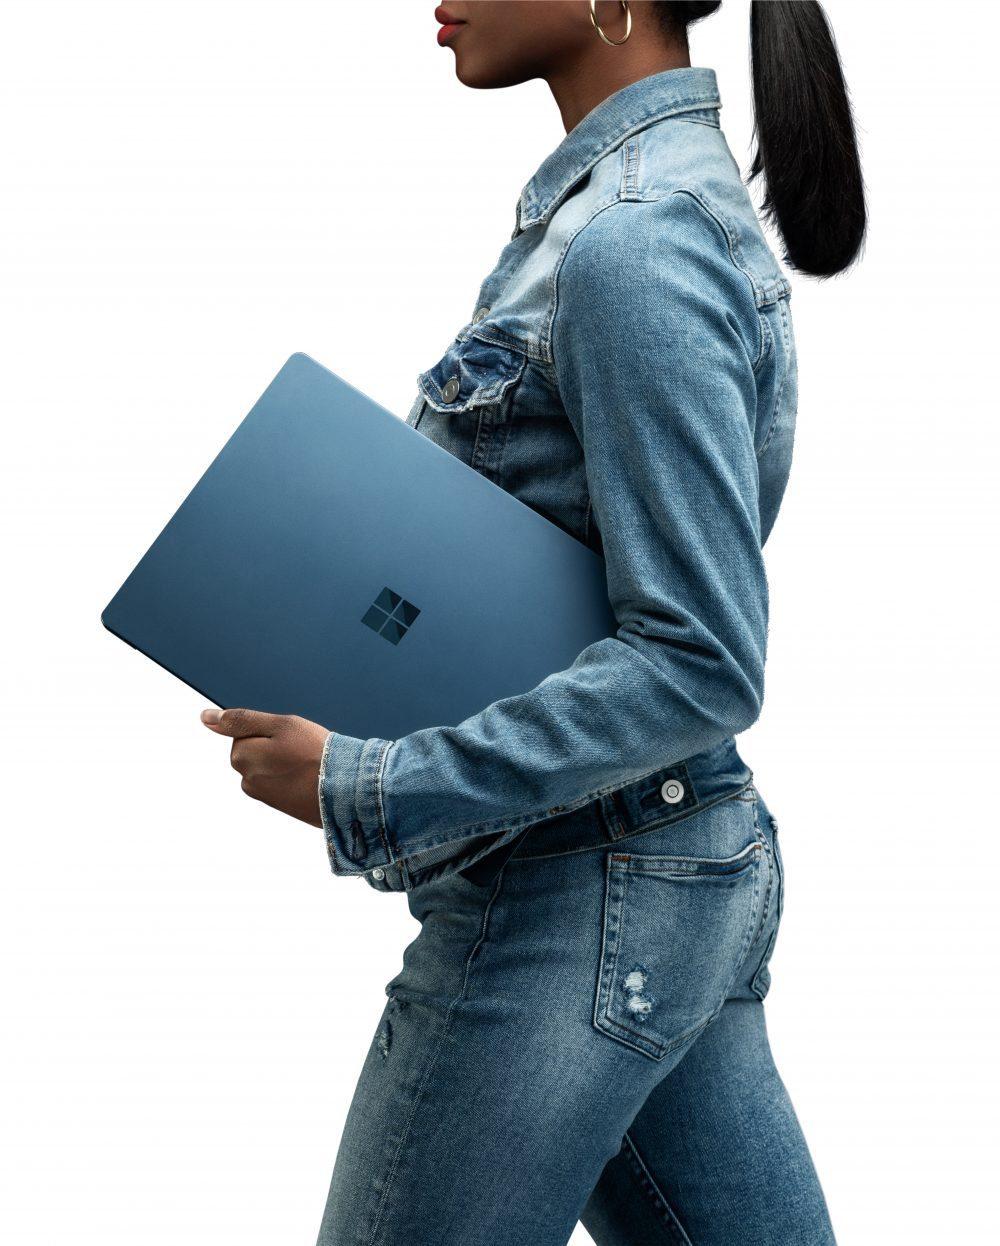 فرایند کاربری و استفاده لولای سرفیس لپ تاپ 3 امسال تغییر خواهد کرد